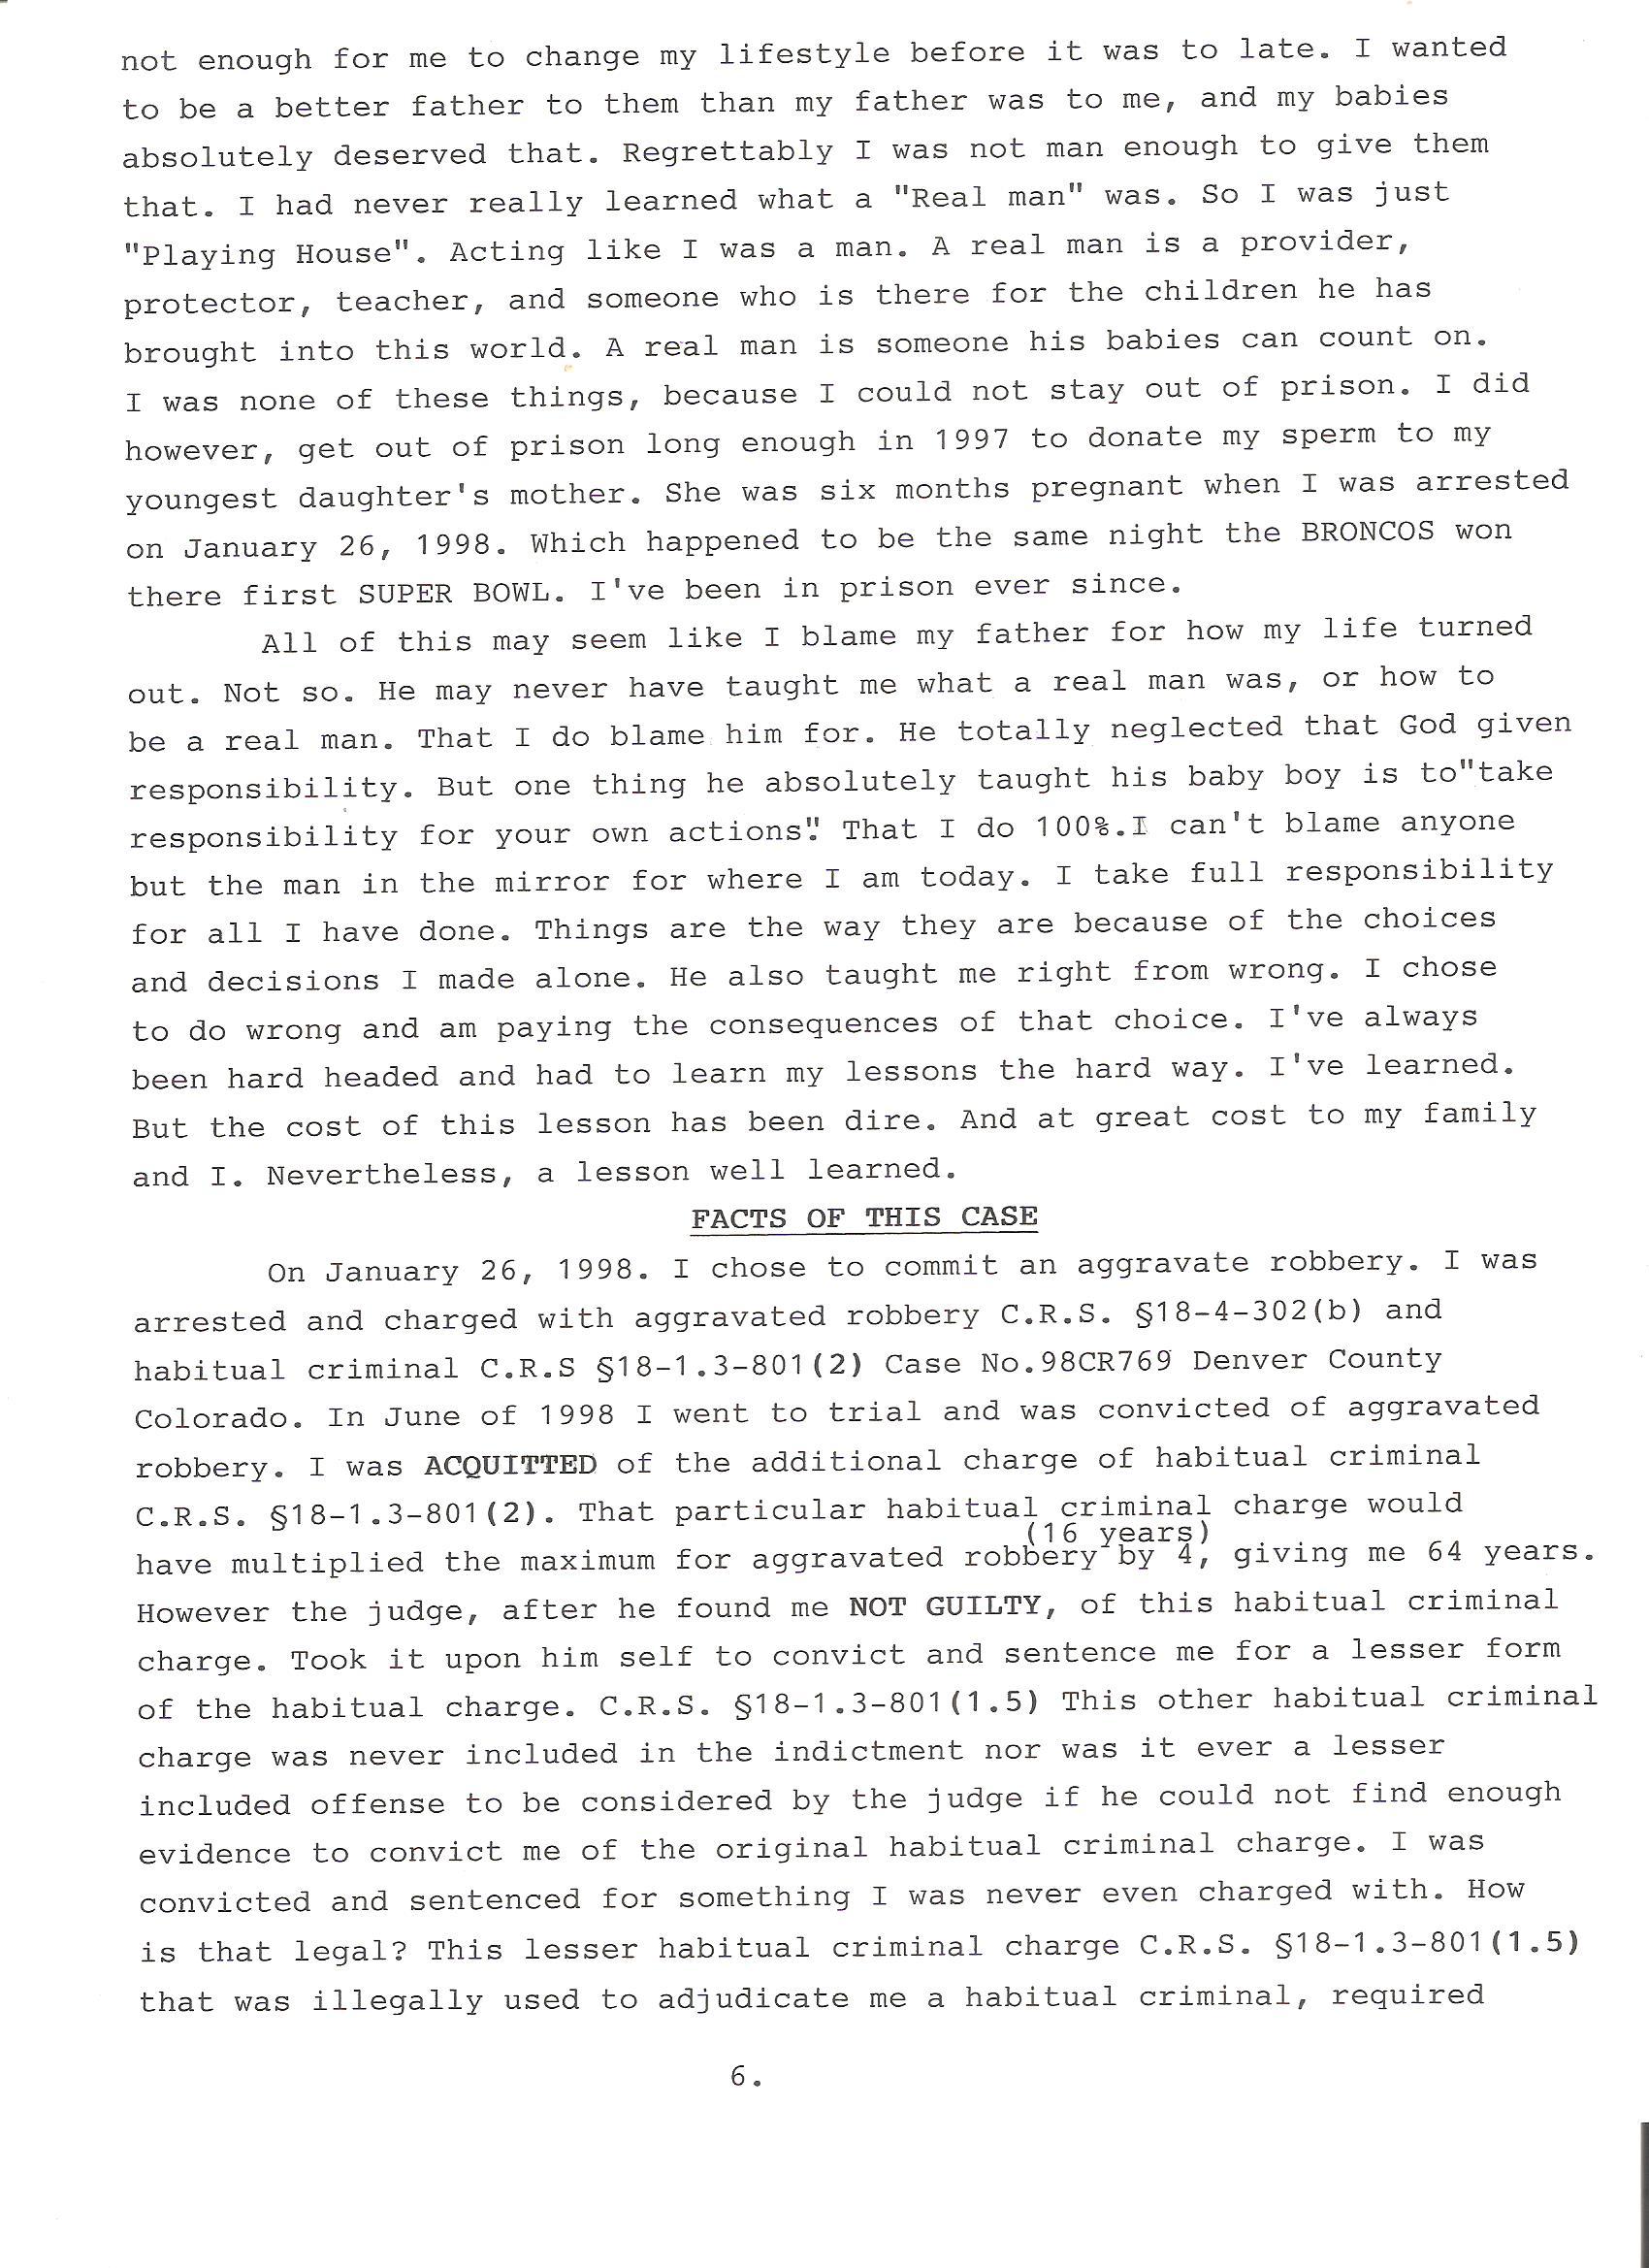 Jistice For Harold in Colorado page 6 001